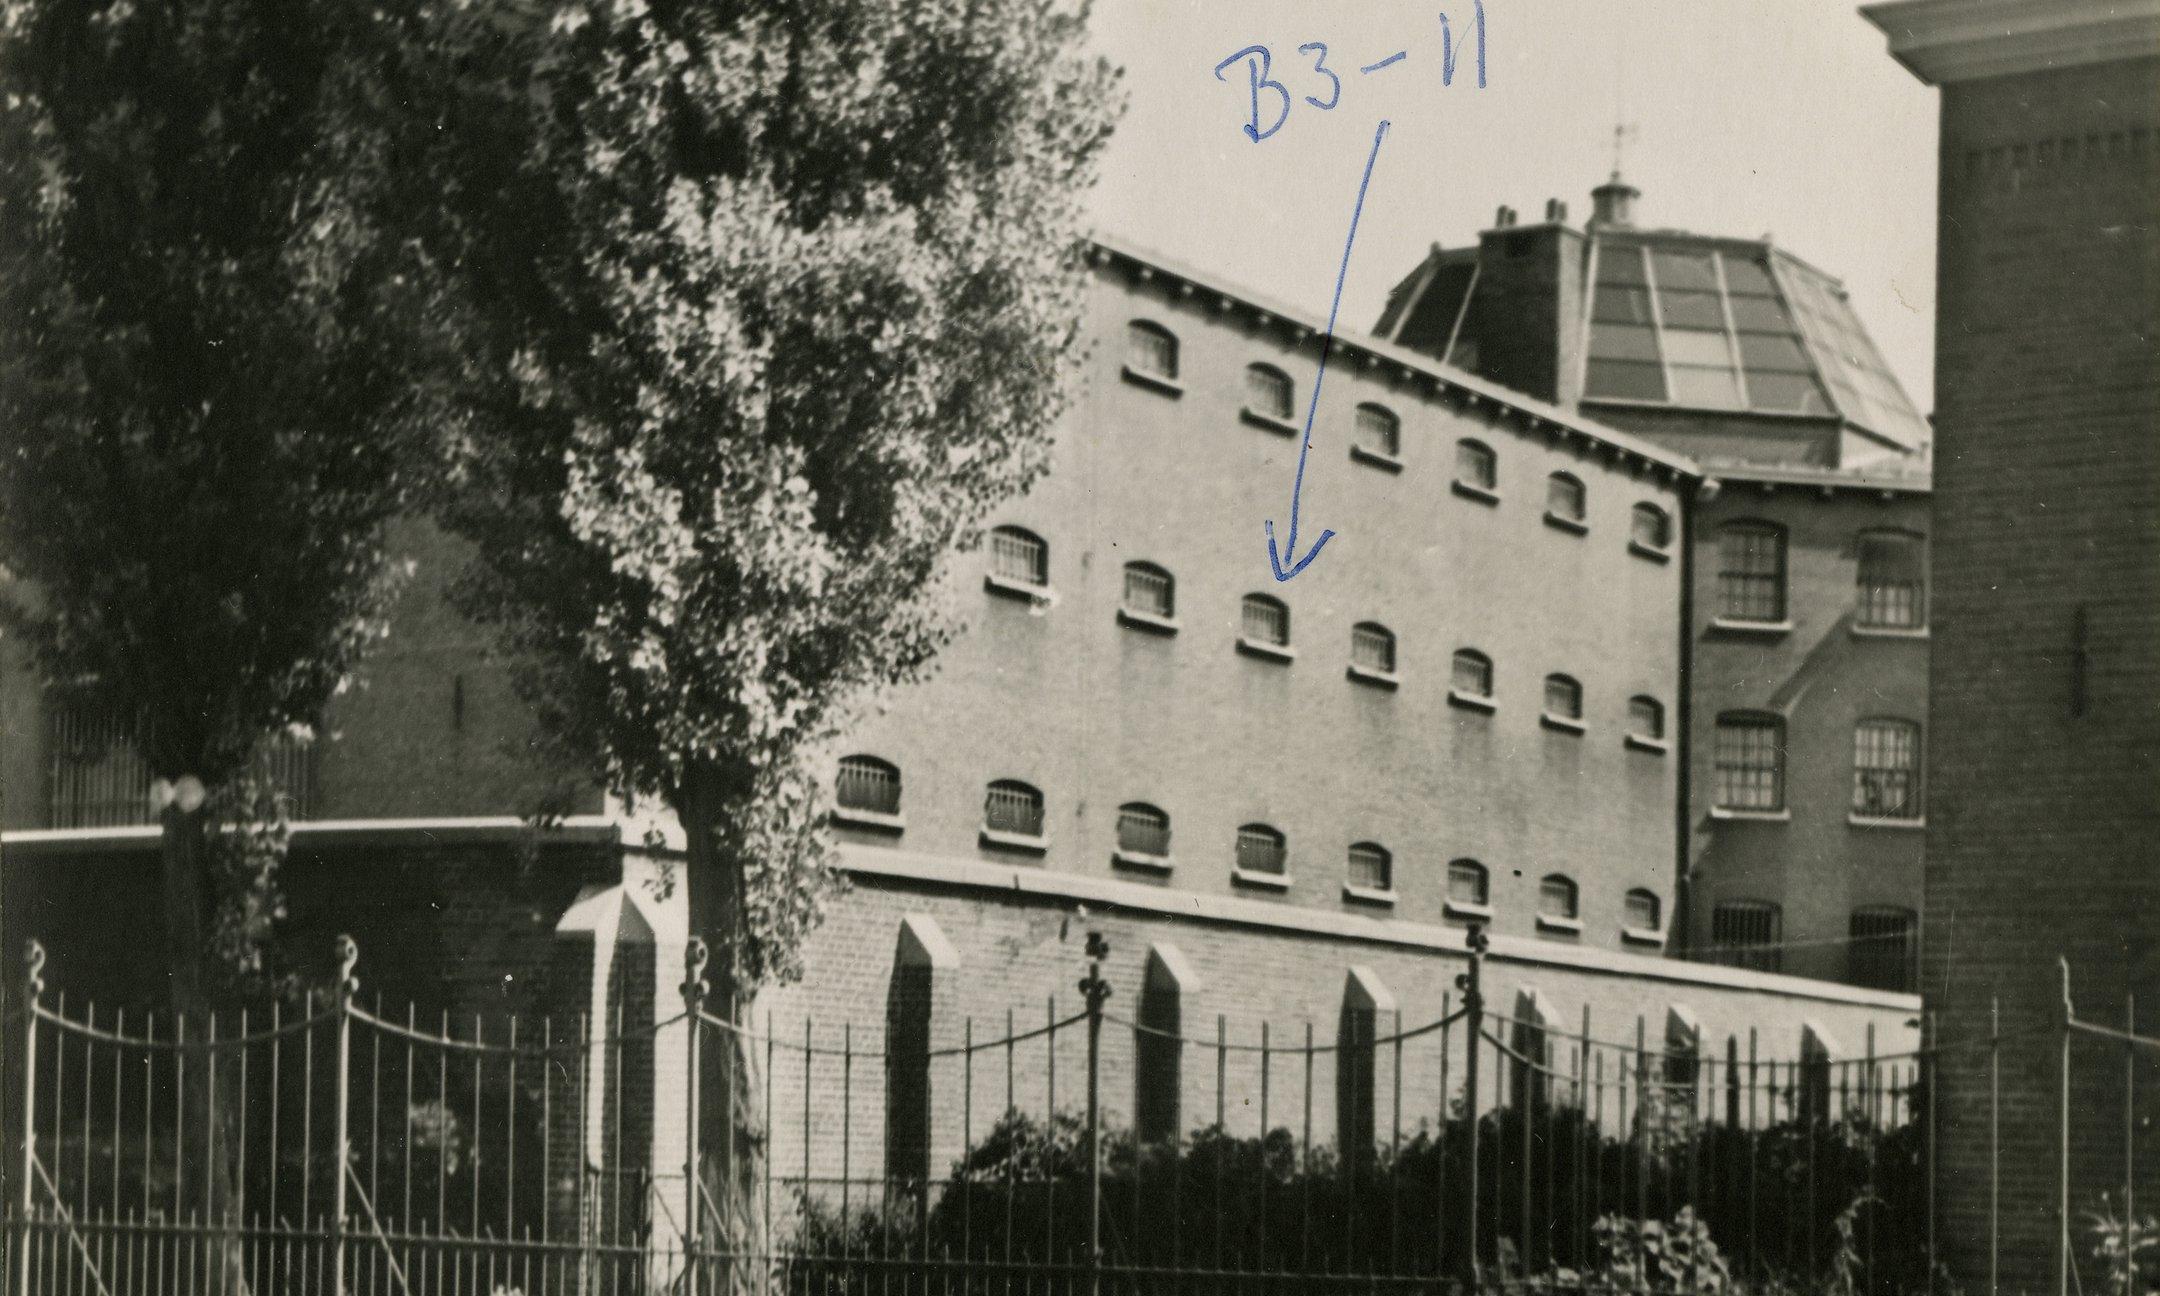 En esta prisión de Ámsterdam fueron alojados Johannes Kleiman y Victor Kugler, durante un mes, después de su arresto. Victor Kugler ha indicado cuál era su celda.